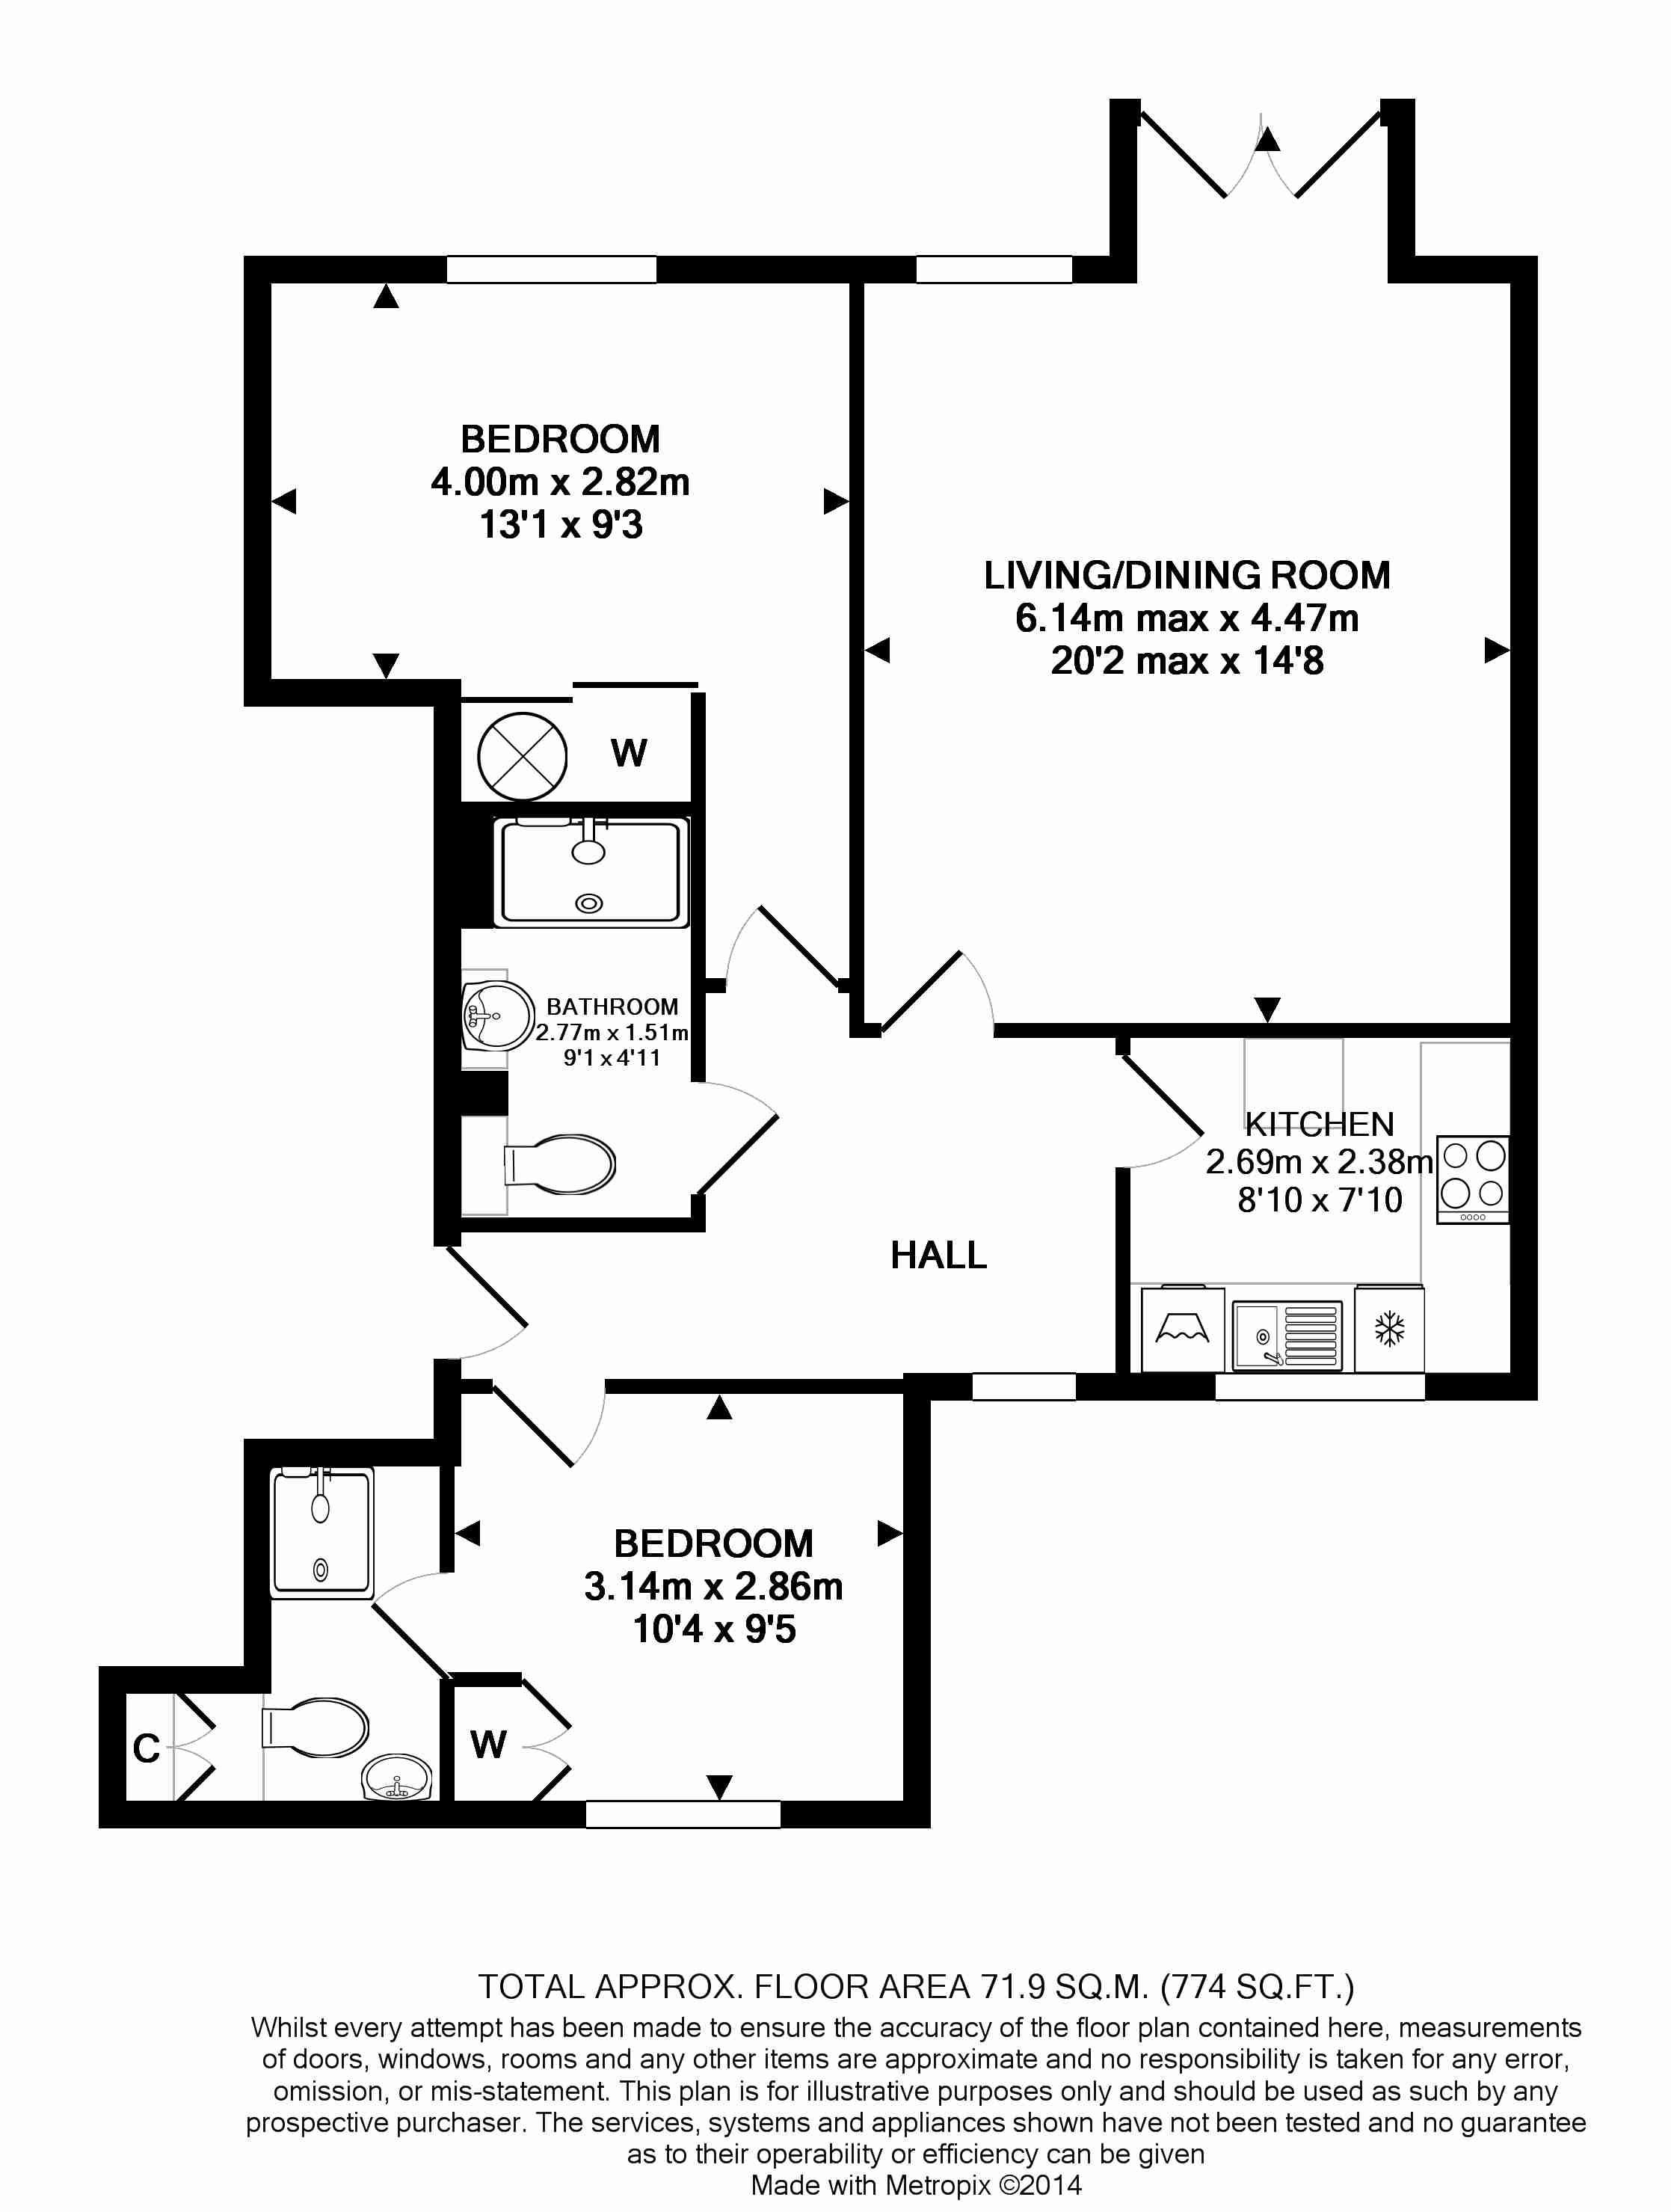 22 Deanery Walk Floorplan